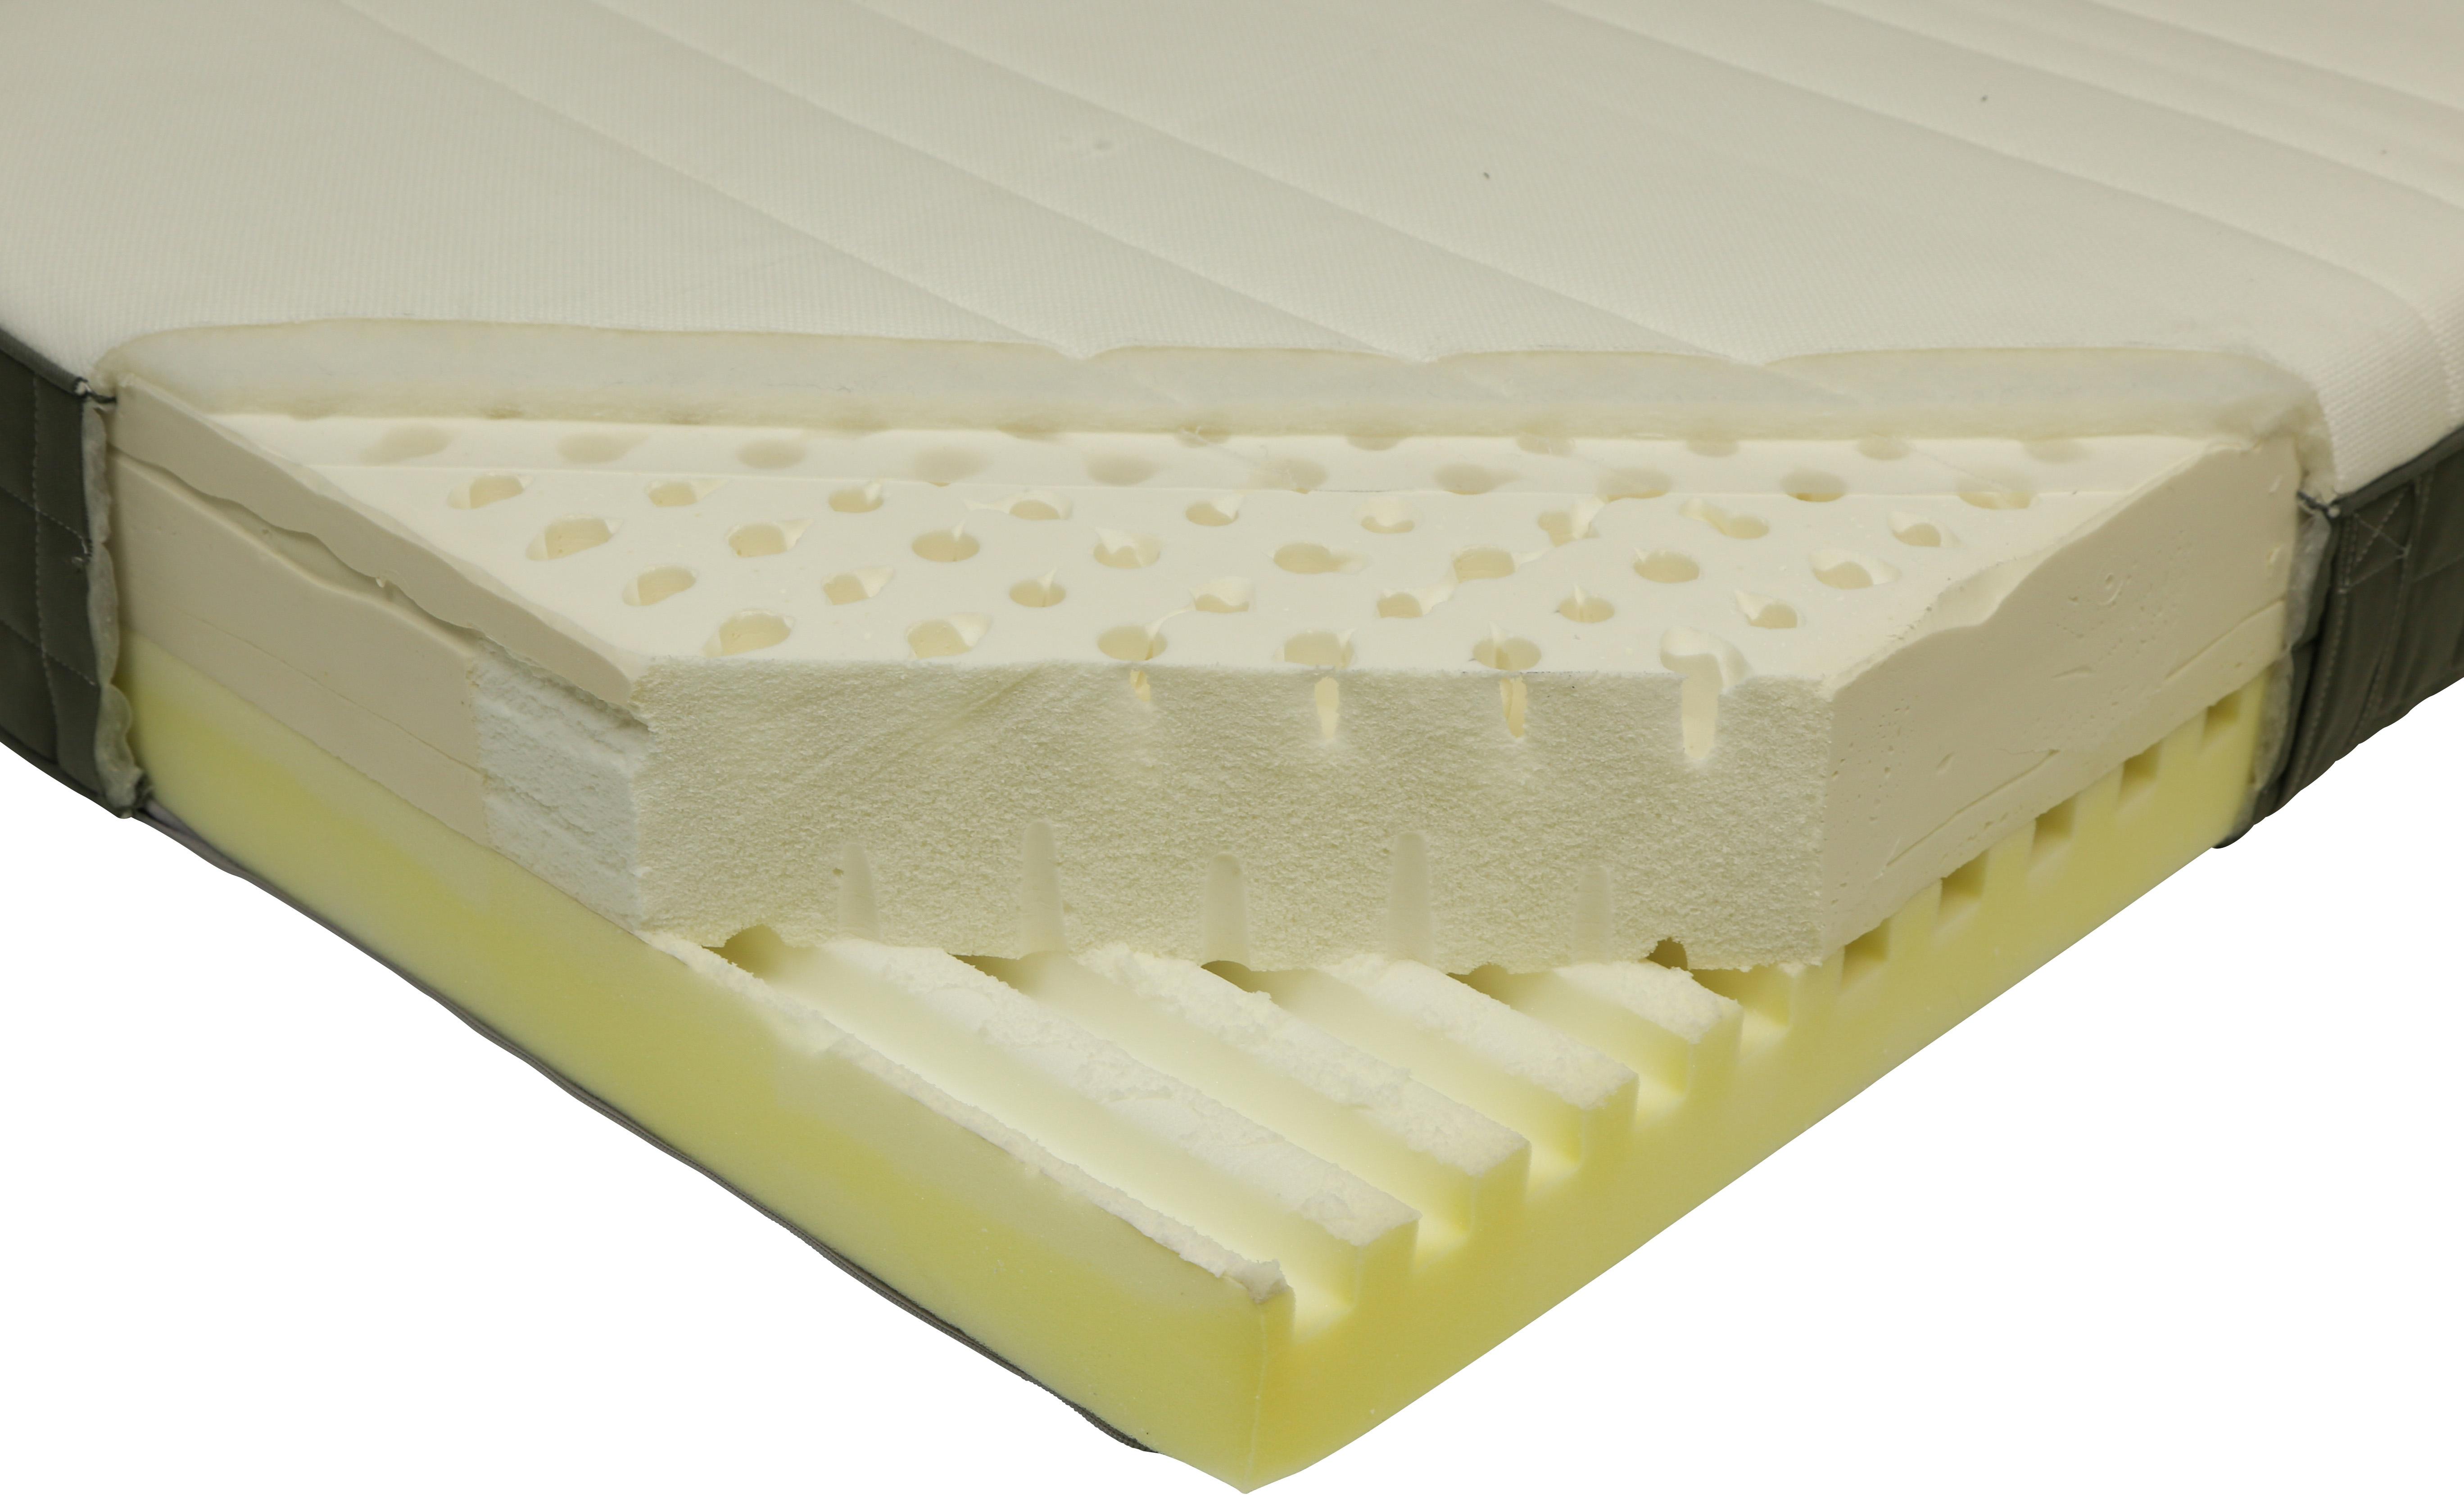 Materassi In Lattice Ikea.Materassi In Lattice Ikea Opinioni